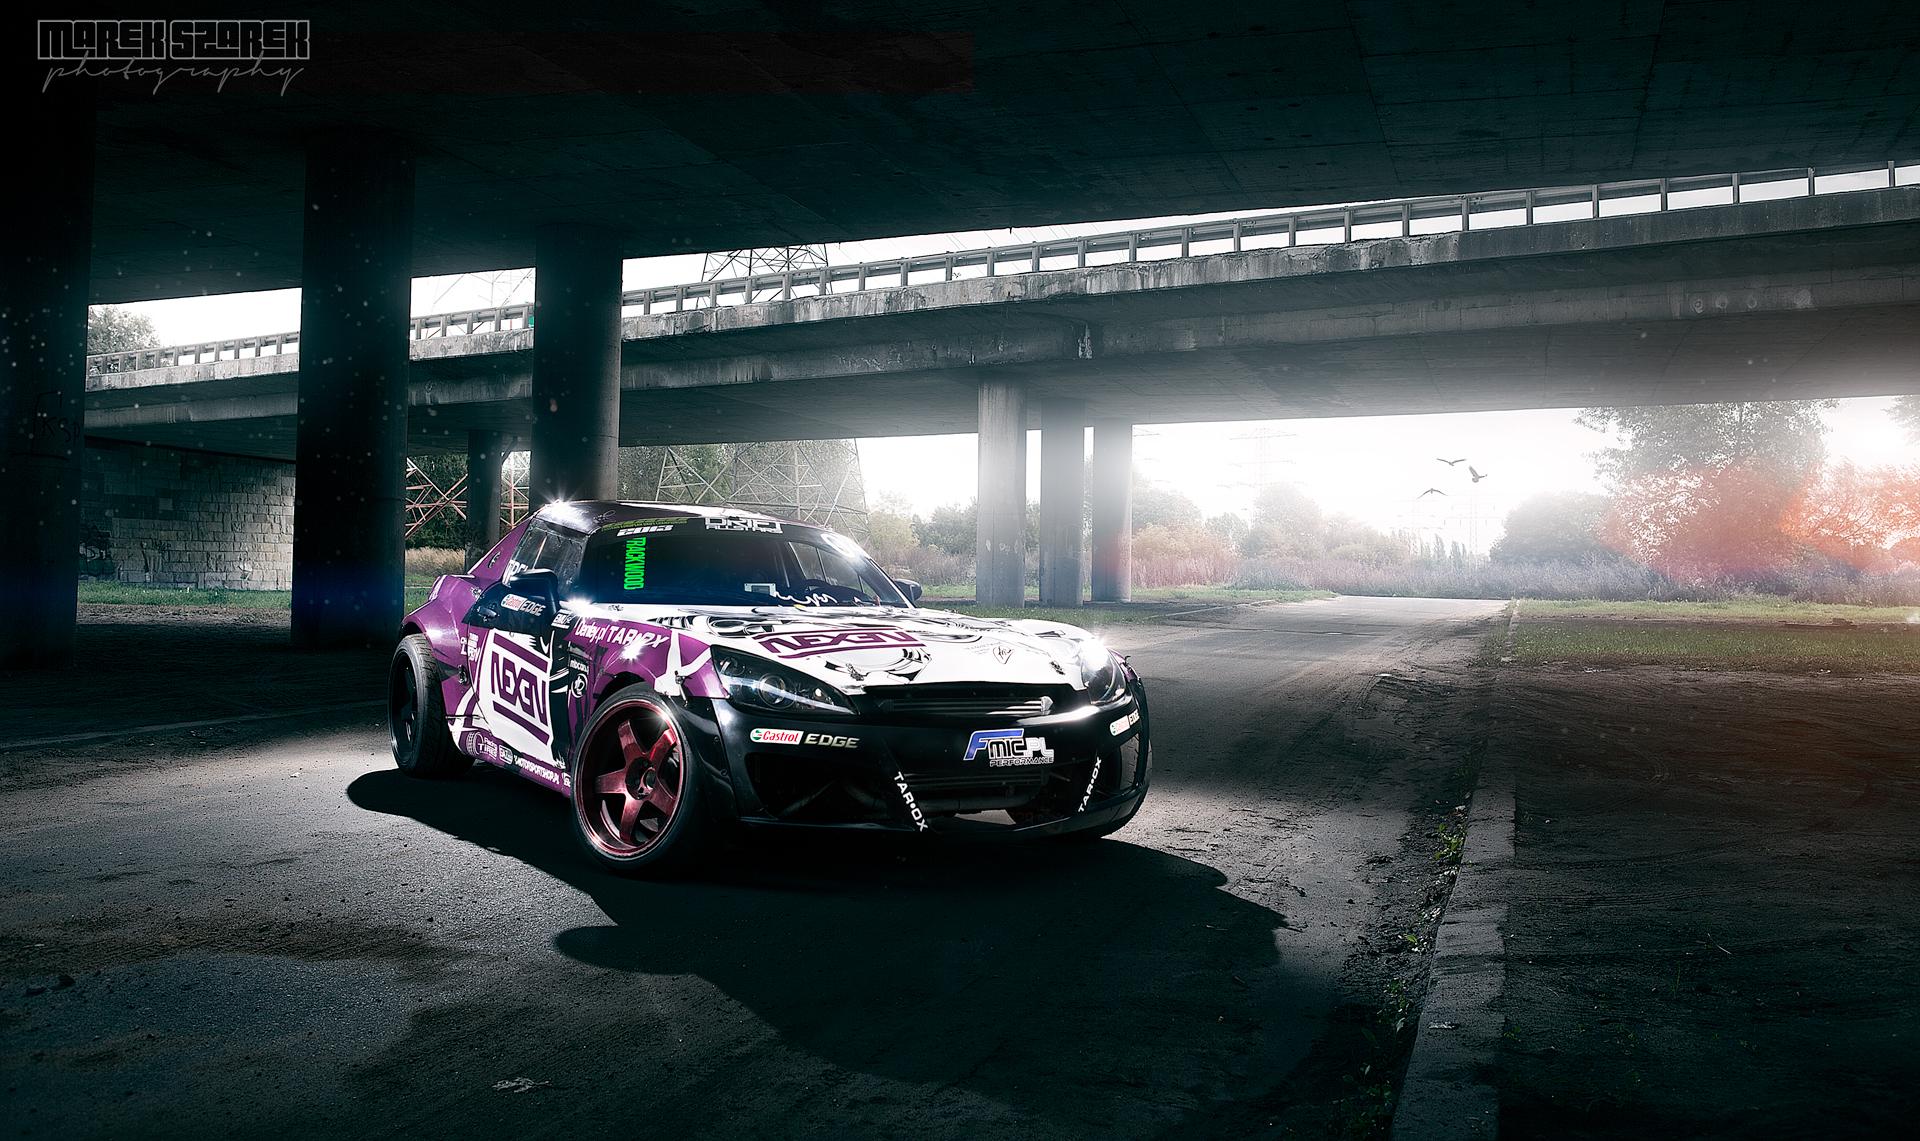 Pawel_Trela_900Bhp2JZ_Drift_Car